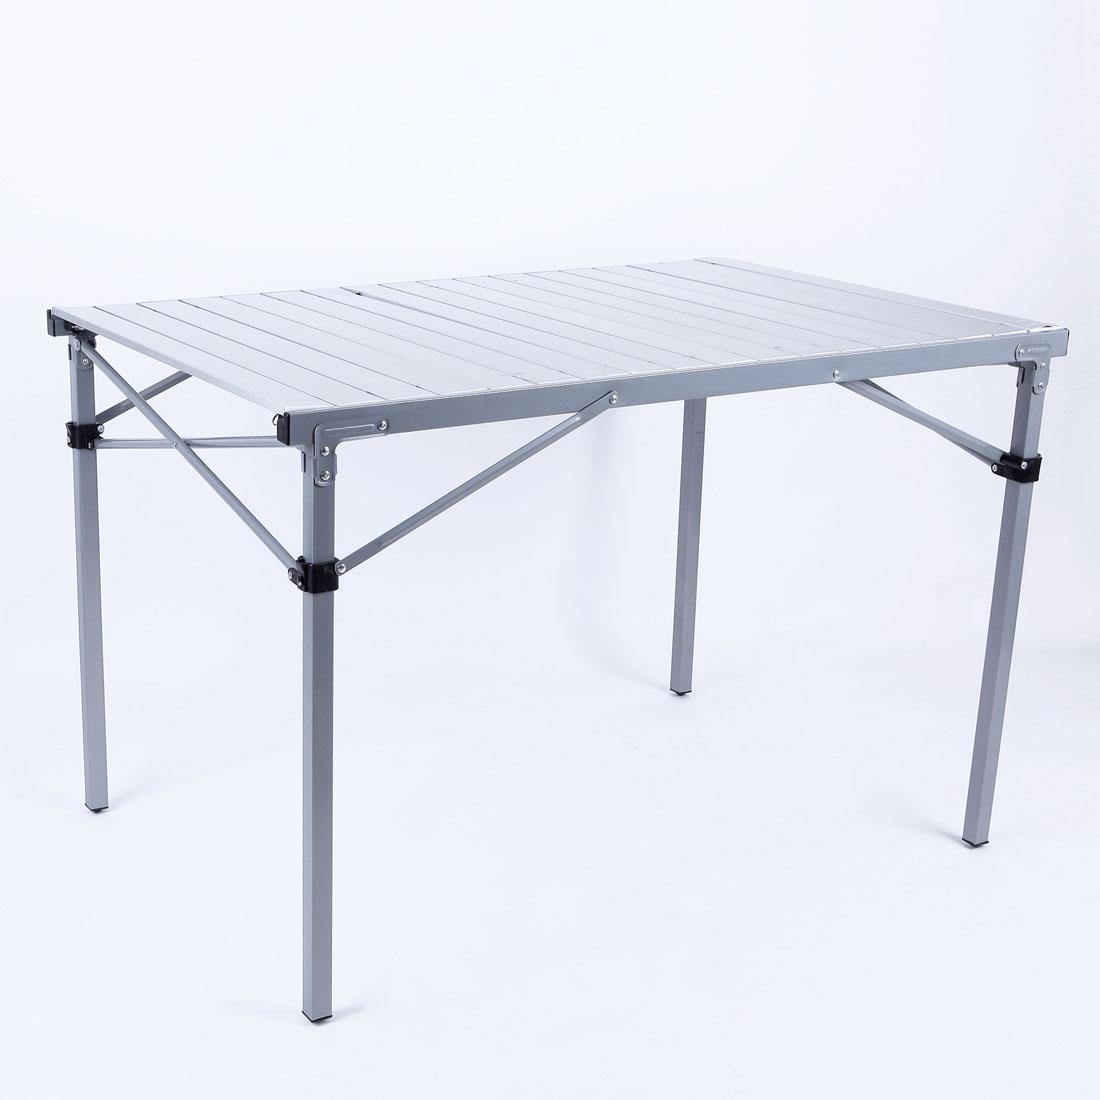 Стол складной King Camp KC3866УТ-000057751Стол складной KingCamp - это незаменимый предмет походной мебели, очень удобен в эксплуатации. Каркас и столешница складного стола выполнены из алюминия. Стол легко собирается и разбирается и не занимает много места, поэтому подходит для транспортировки и хранения дома. Складной стол прекрасно подойдет для комфортного отдыха на даче или в походе.